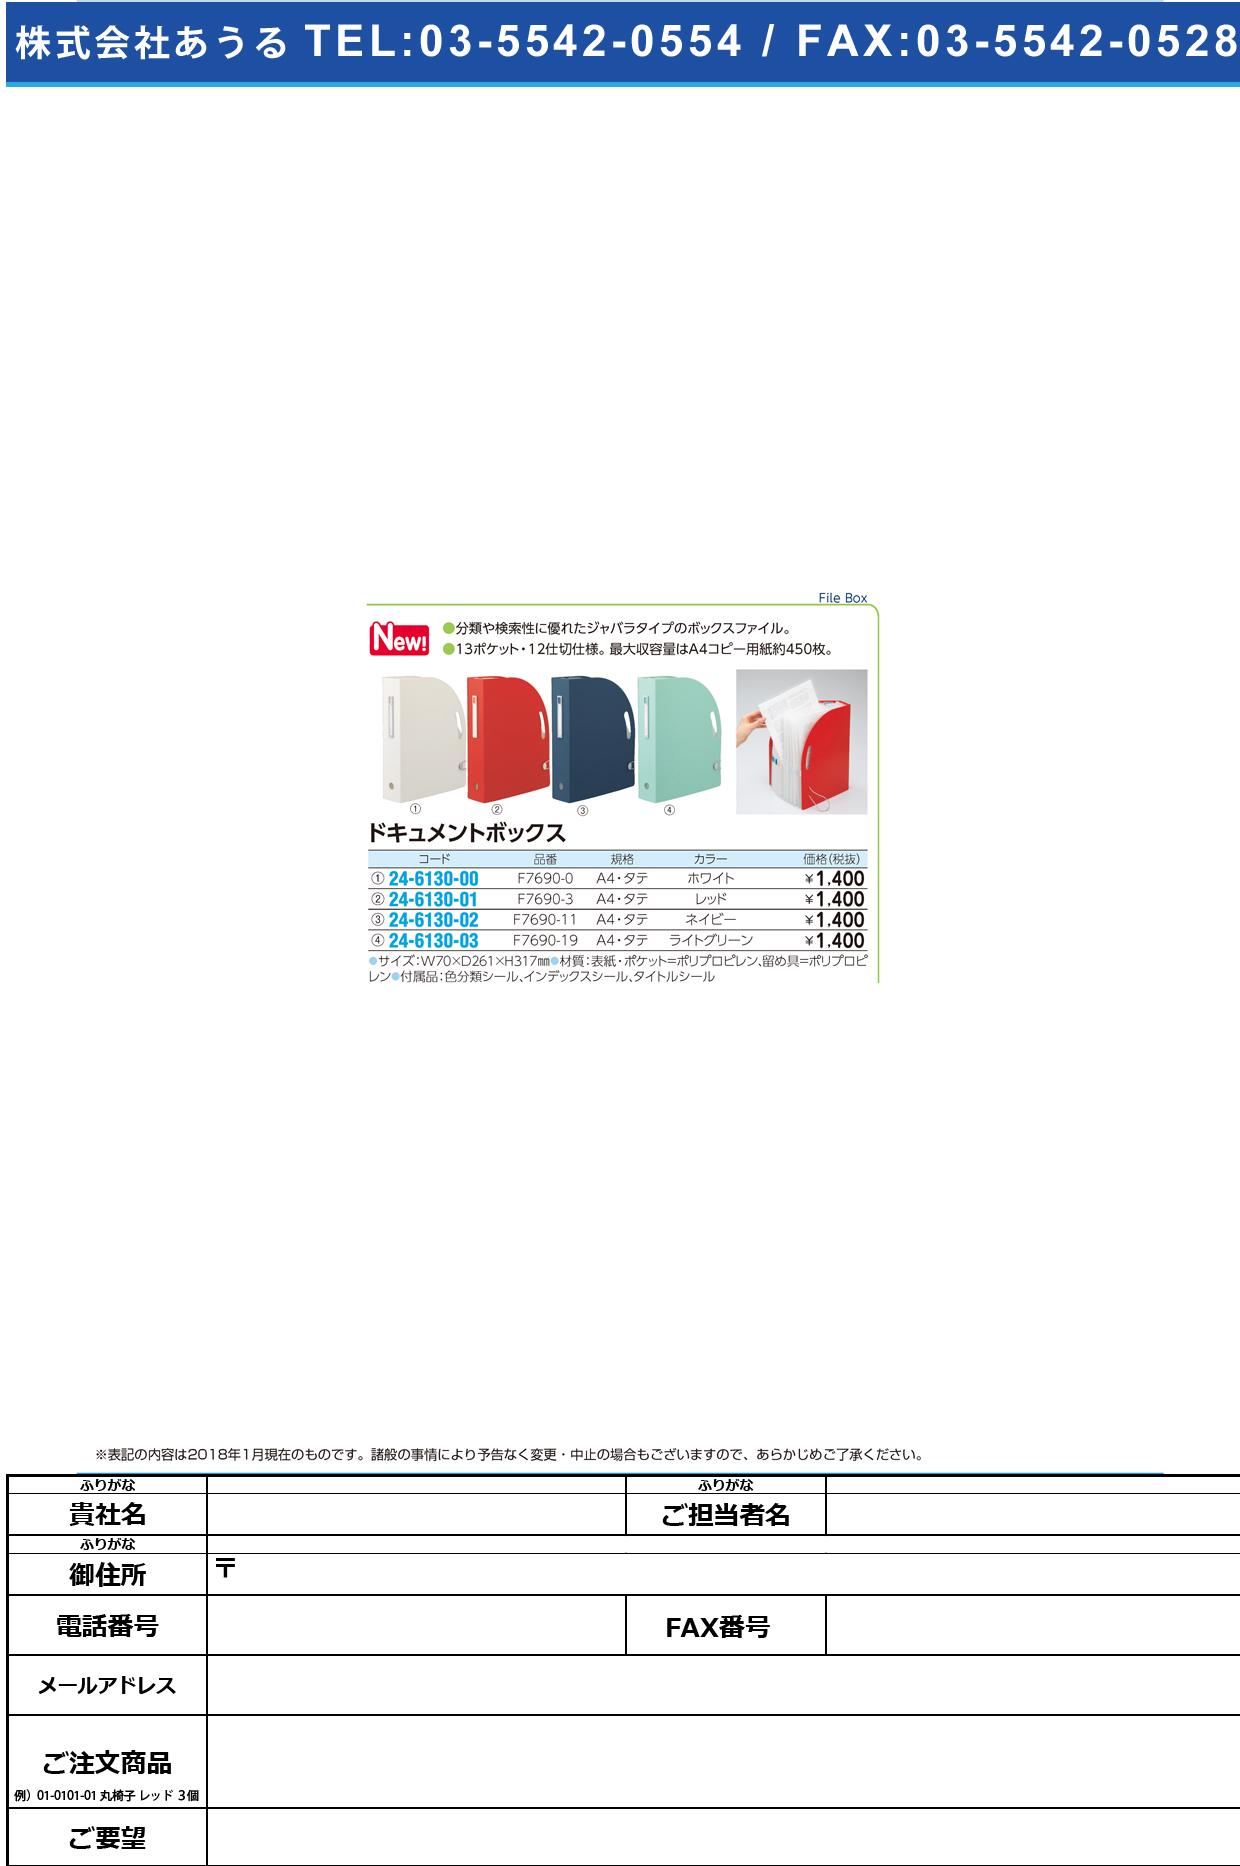 (24-6130-02)ドキュメントボックス(A4・タテ) F7690-11(ネイビー) ドキュメントボックス(LIHITLAB.)【1冊単位】【2018年カタログ商品】